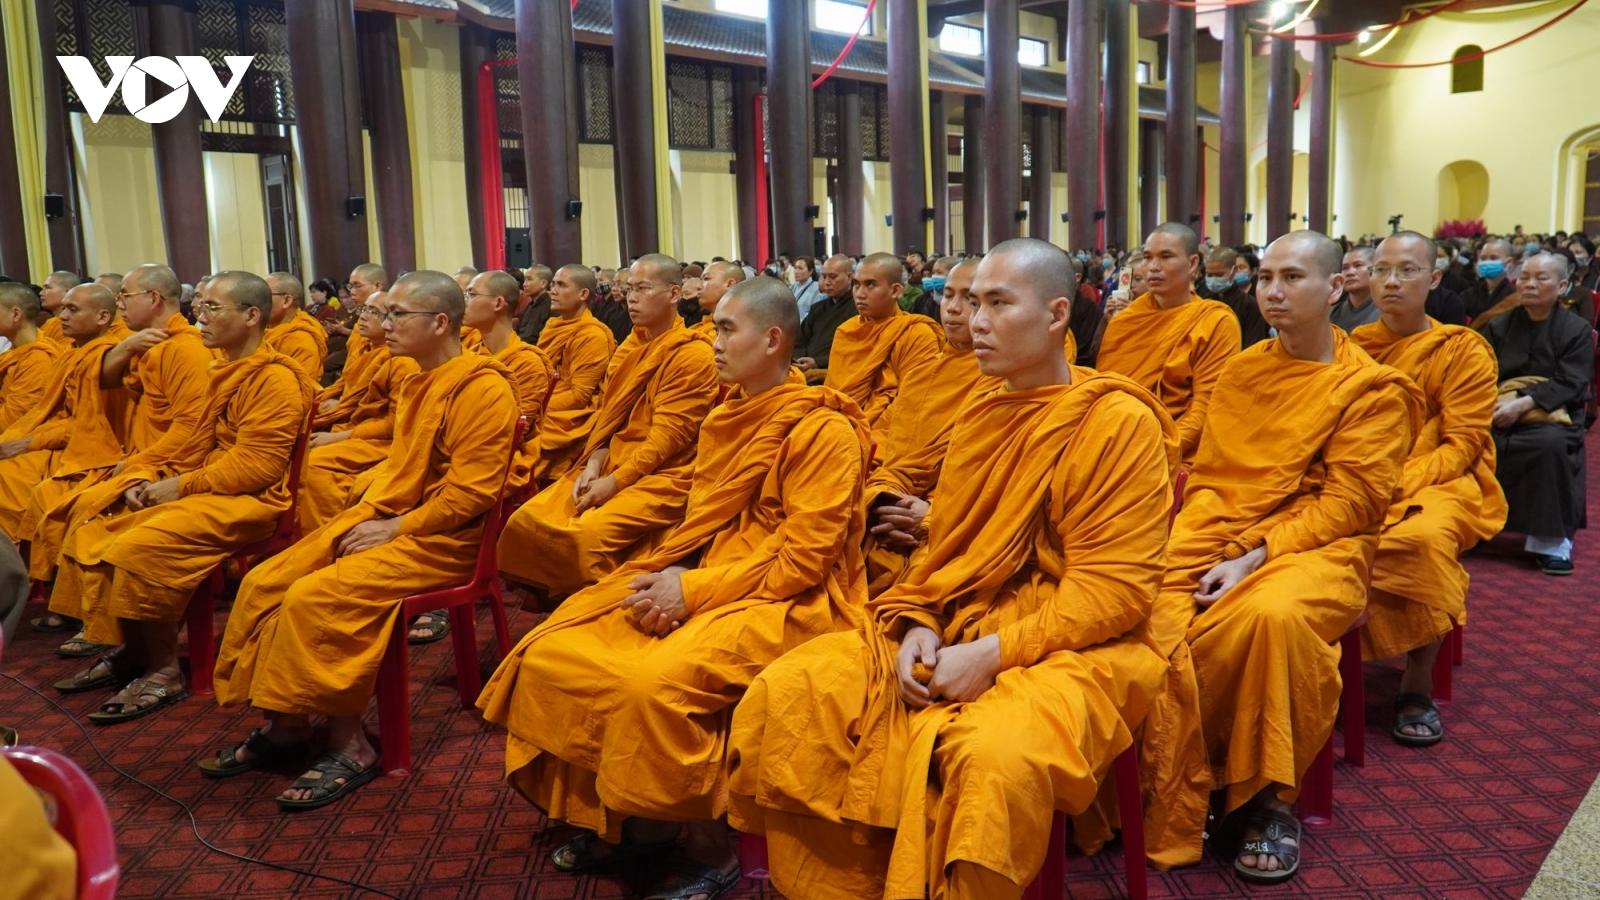 Lễ giỗ Trúc Lâm đệ nhị tổ Pháp Loa tôn giả tại Yên Tử